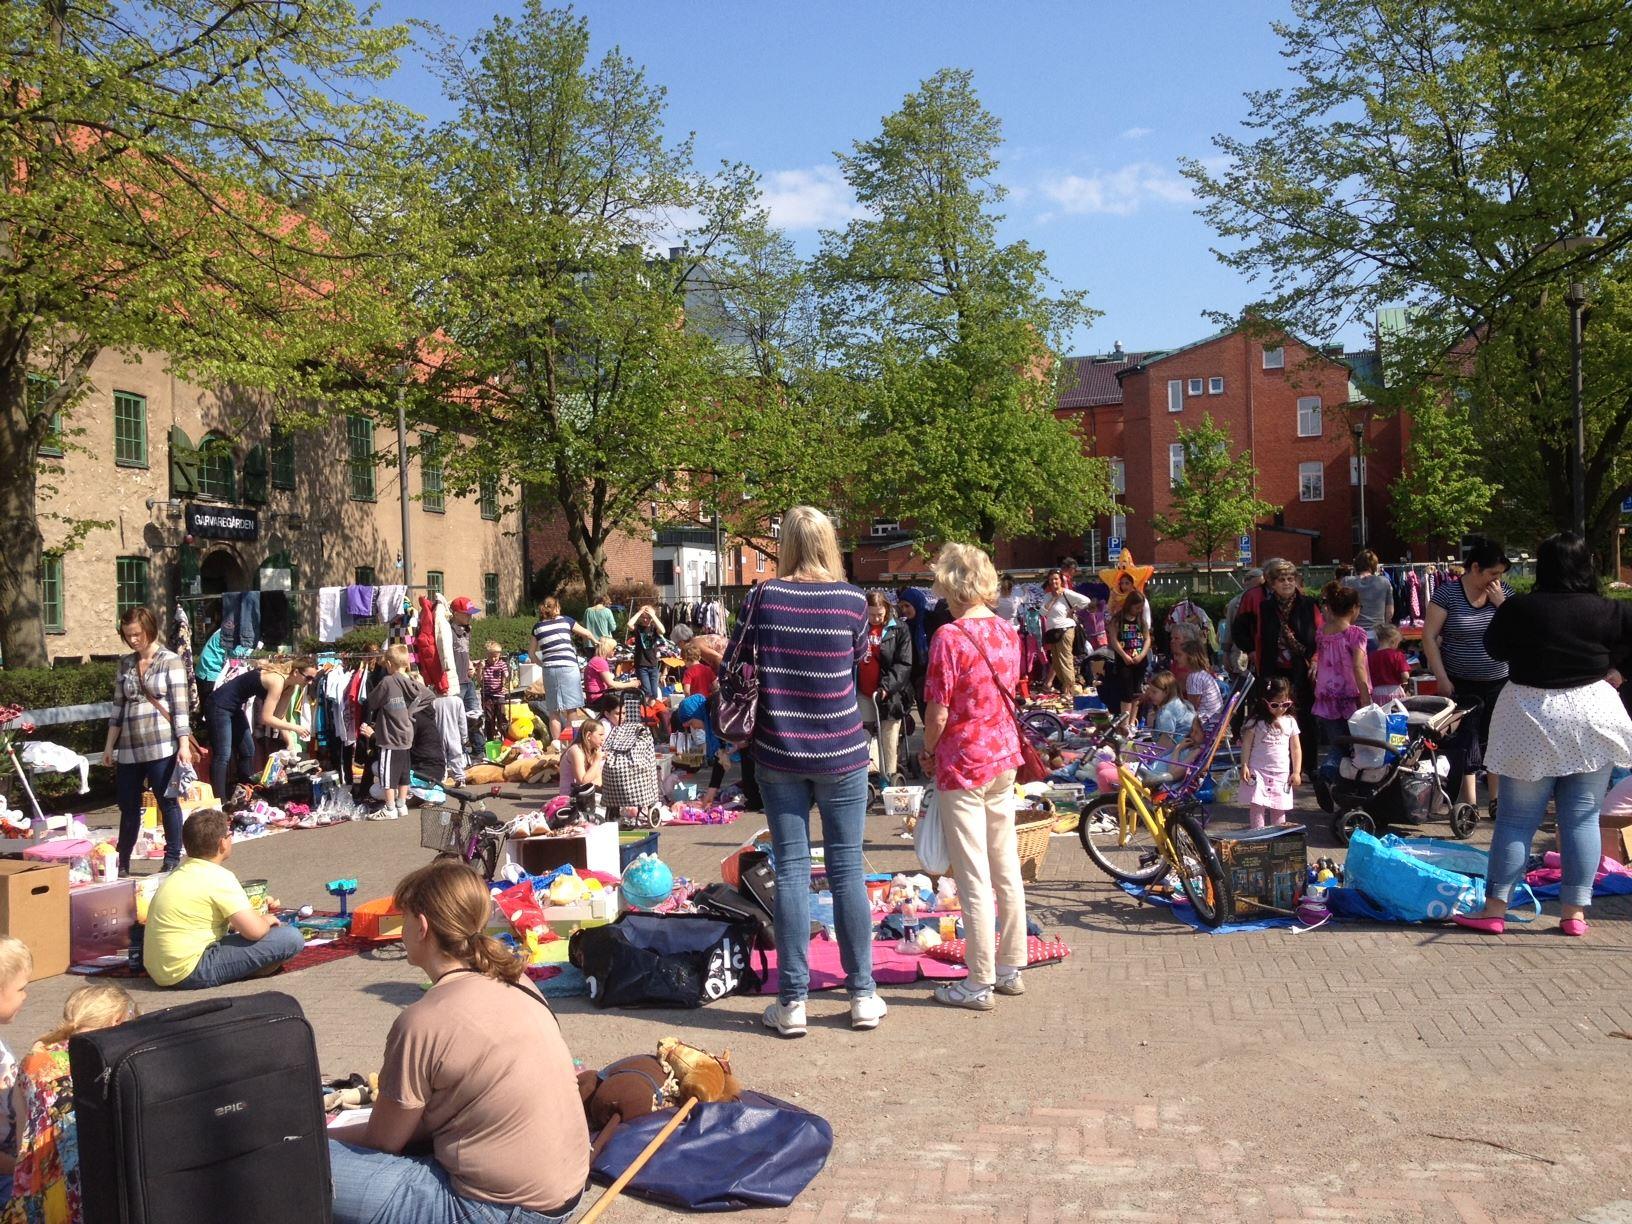 Foto: Gabriella Rönnow, Children's Flea market